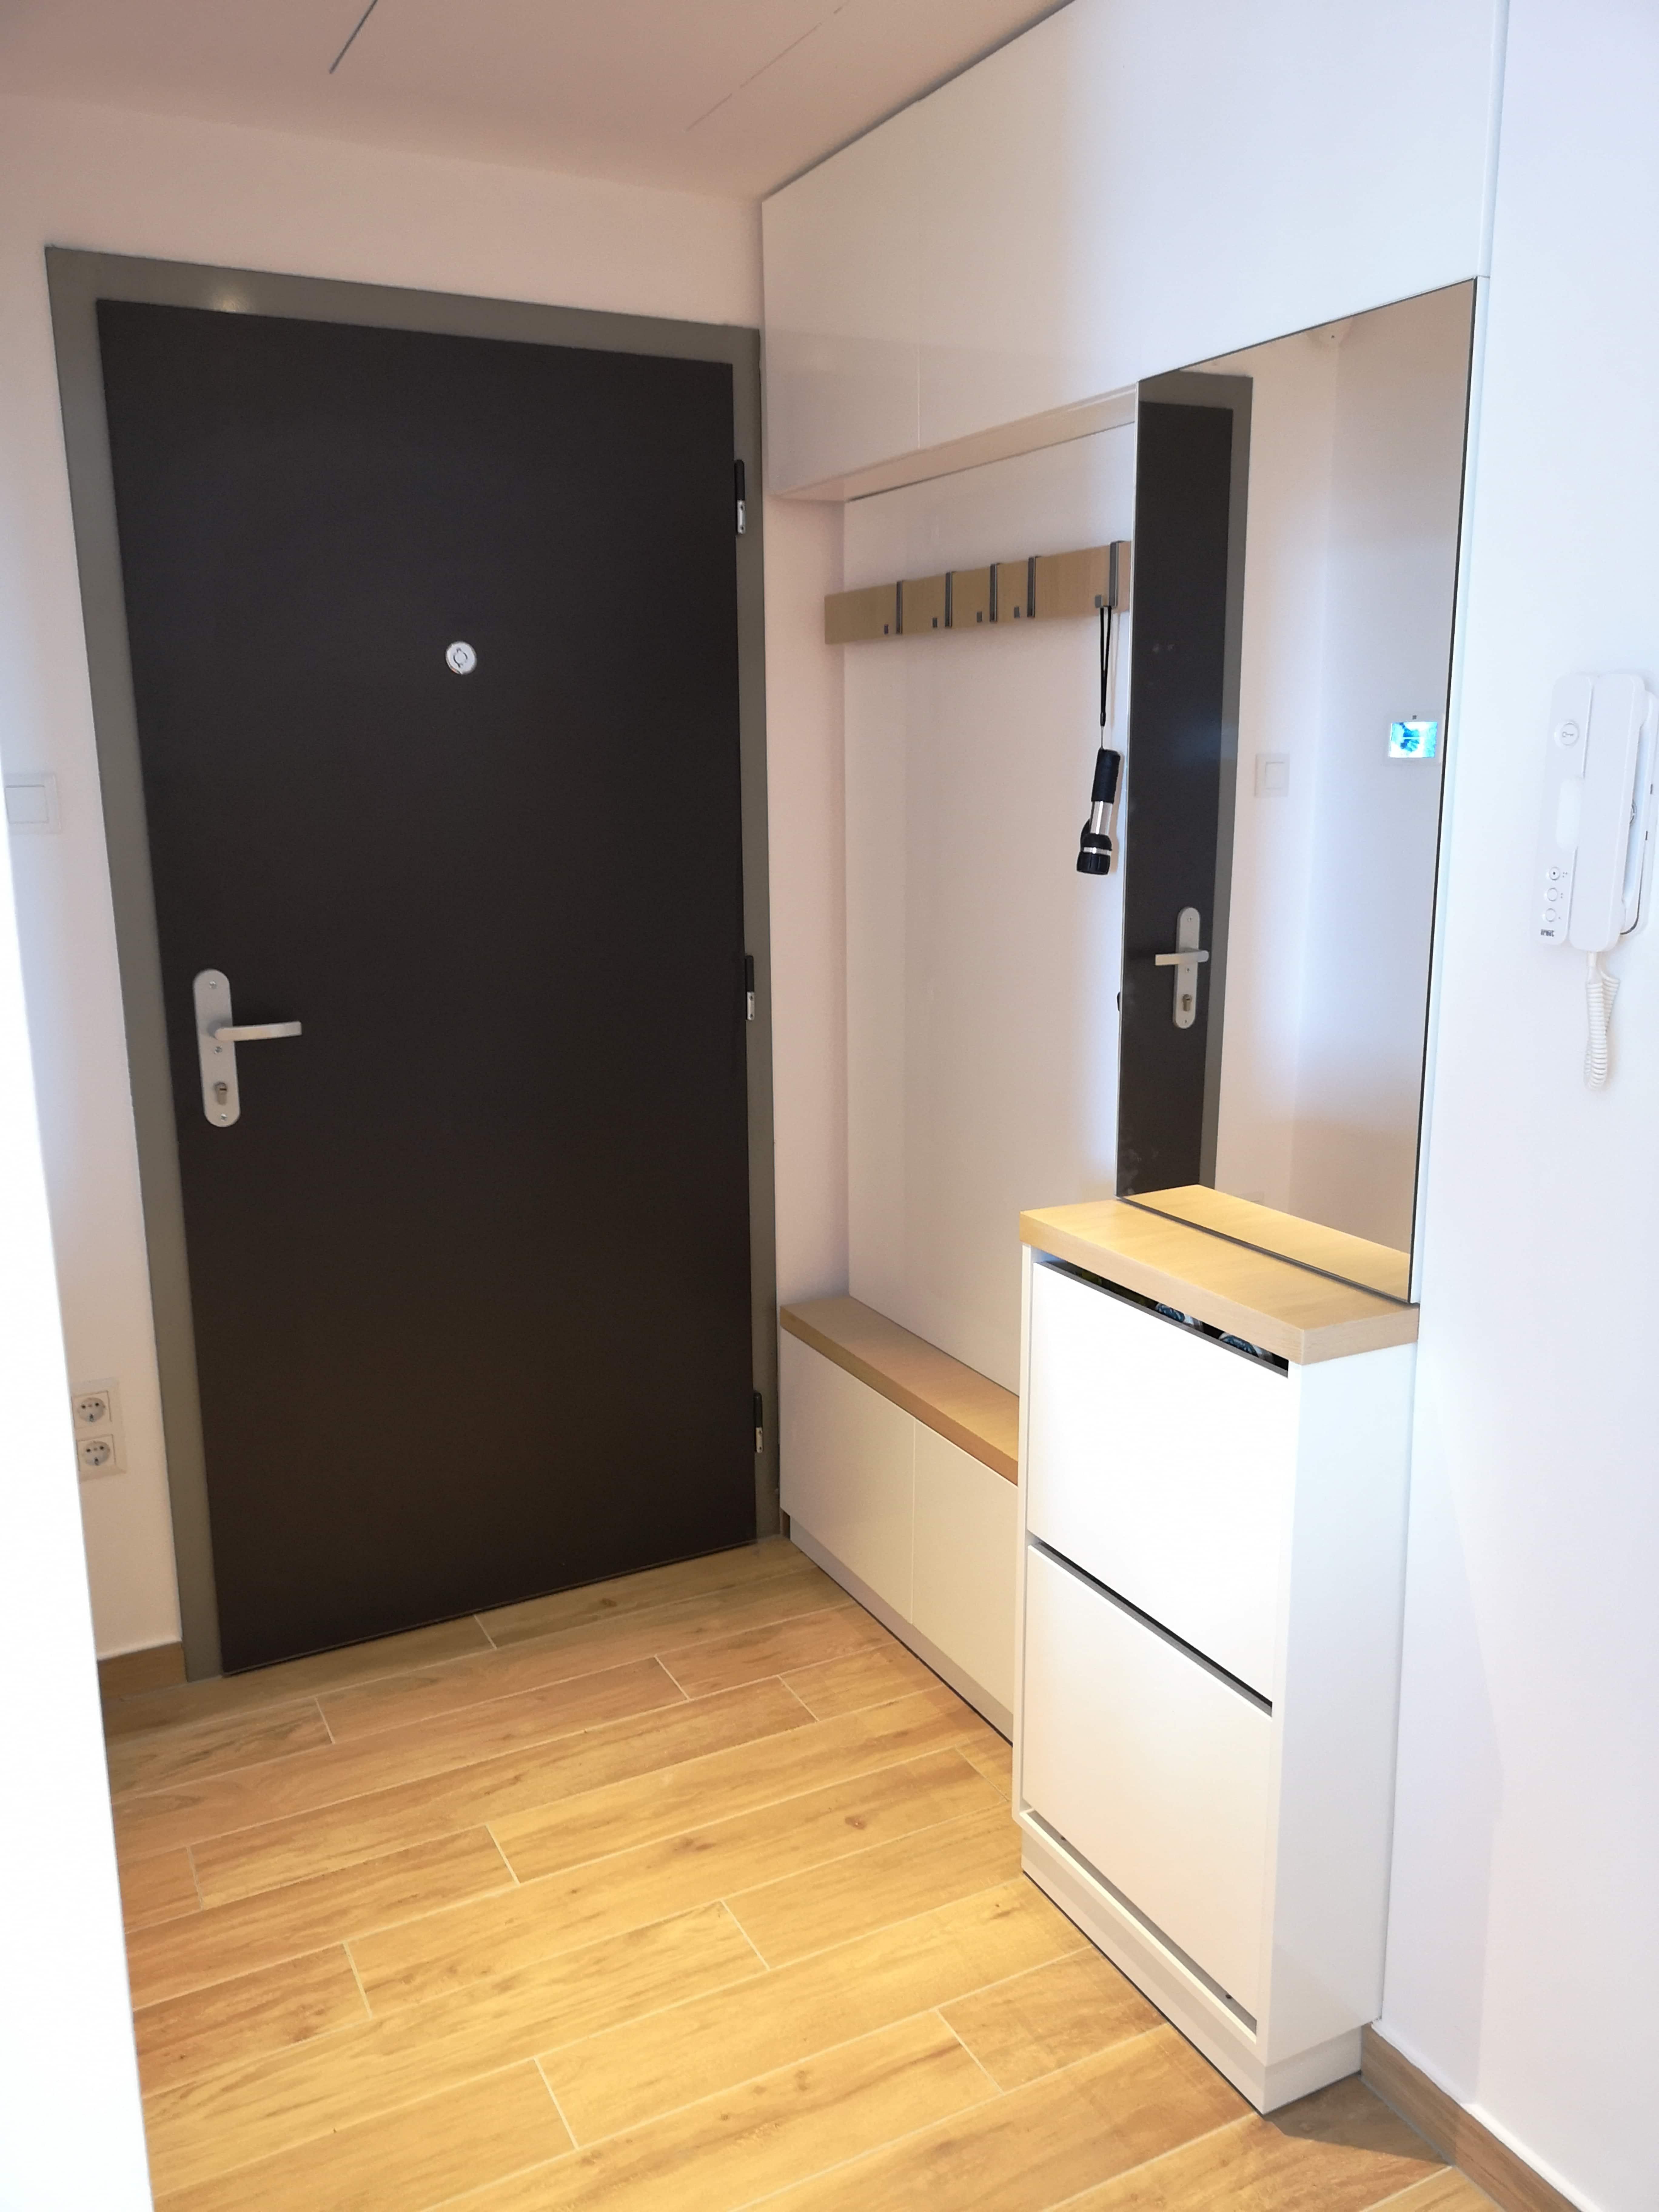 Előszobai szekrény egy igazán szűk térben